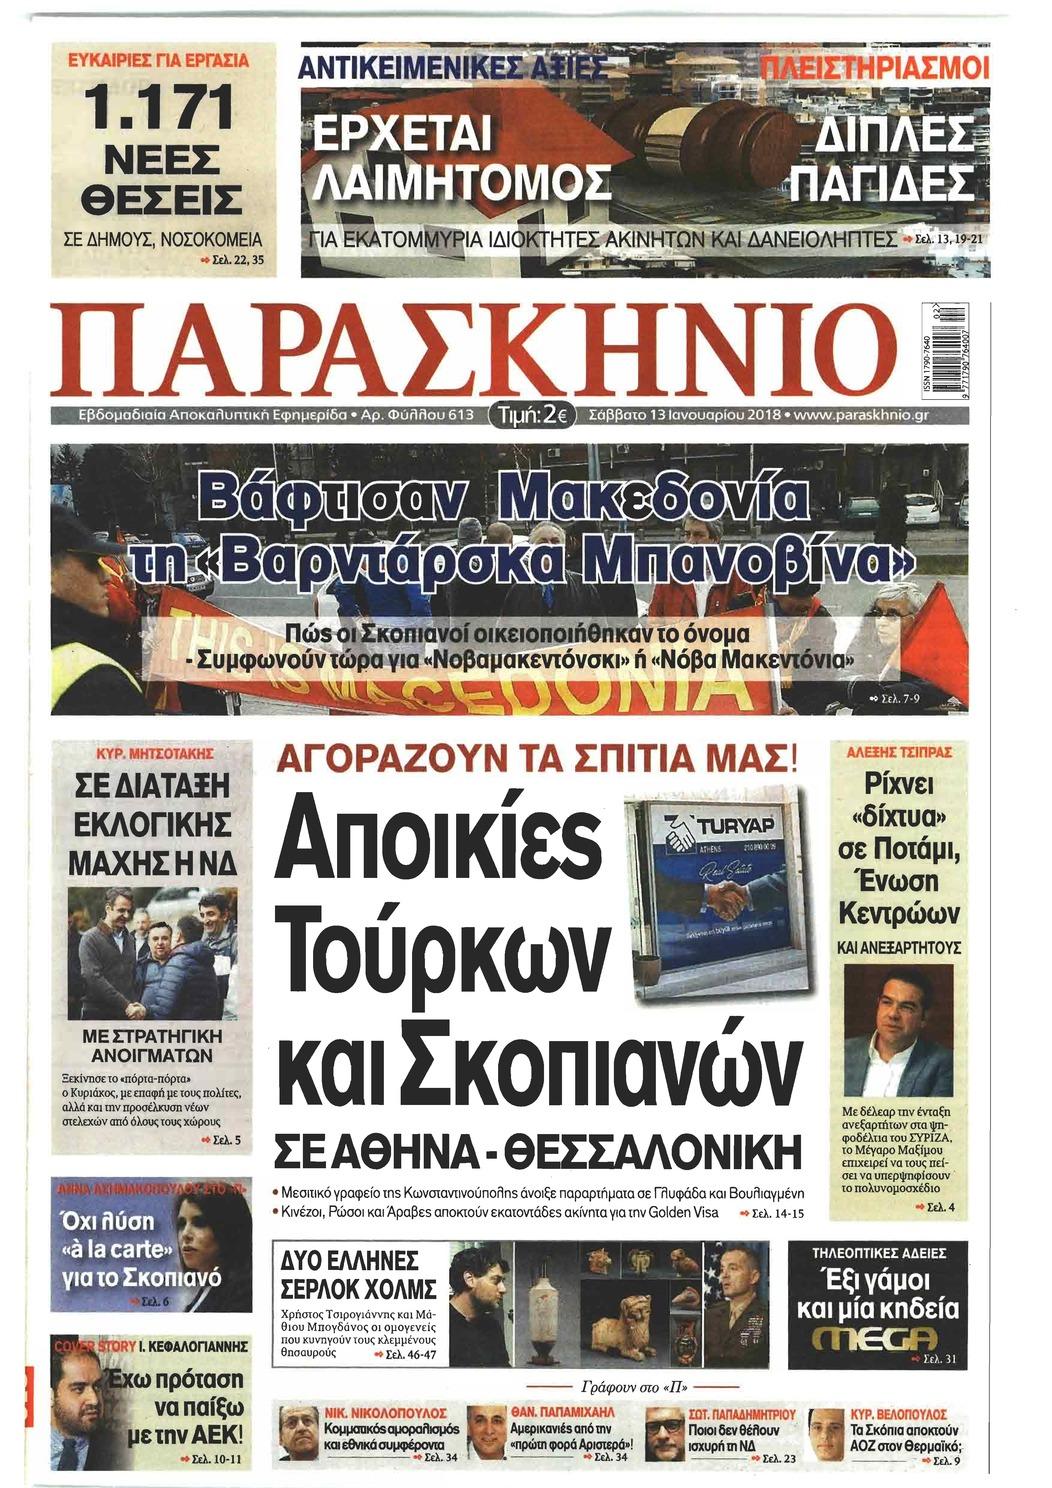 Πρωτοσέλιδο εφημερίδας ��������������������